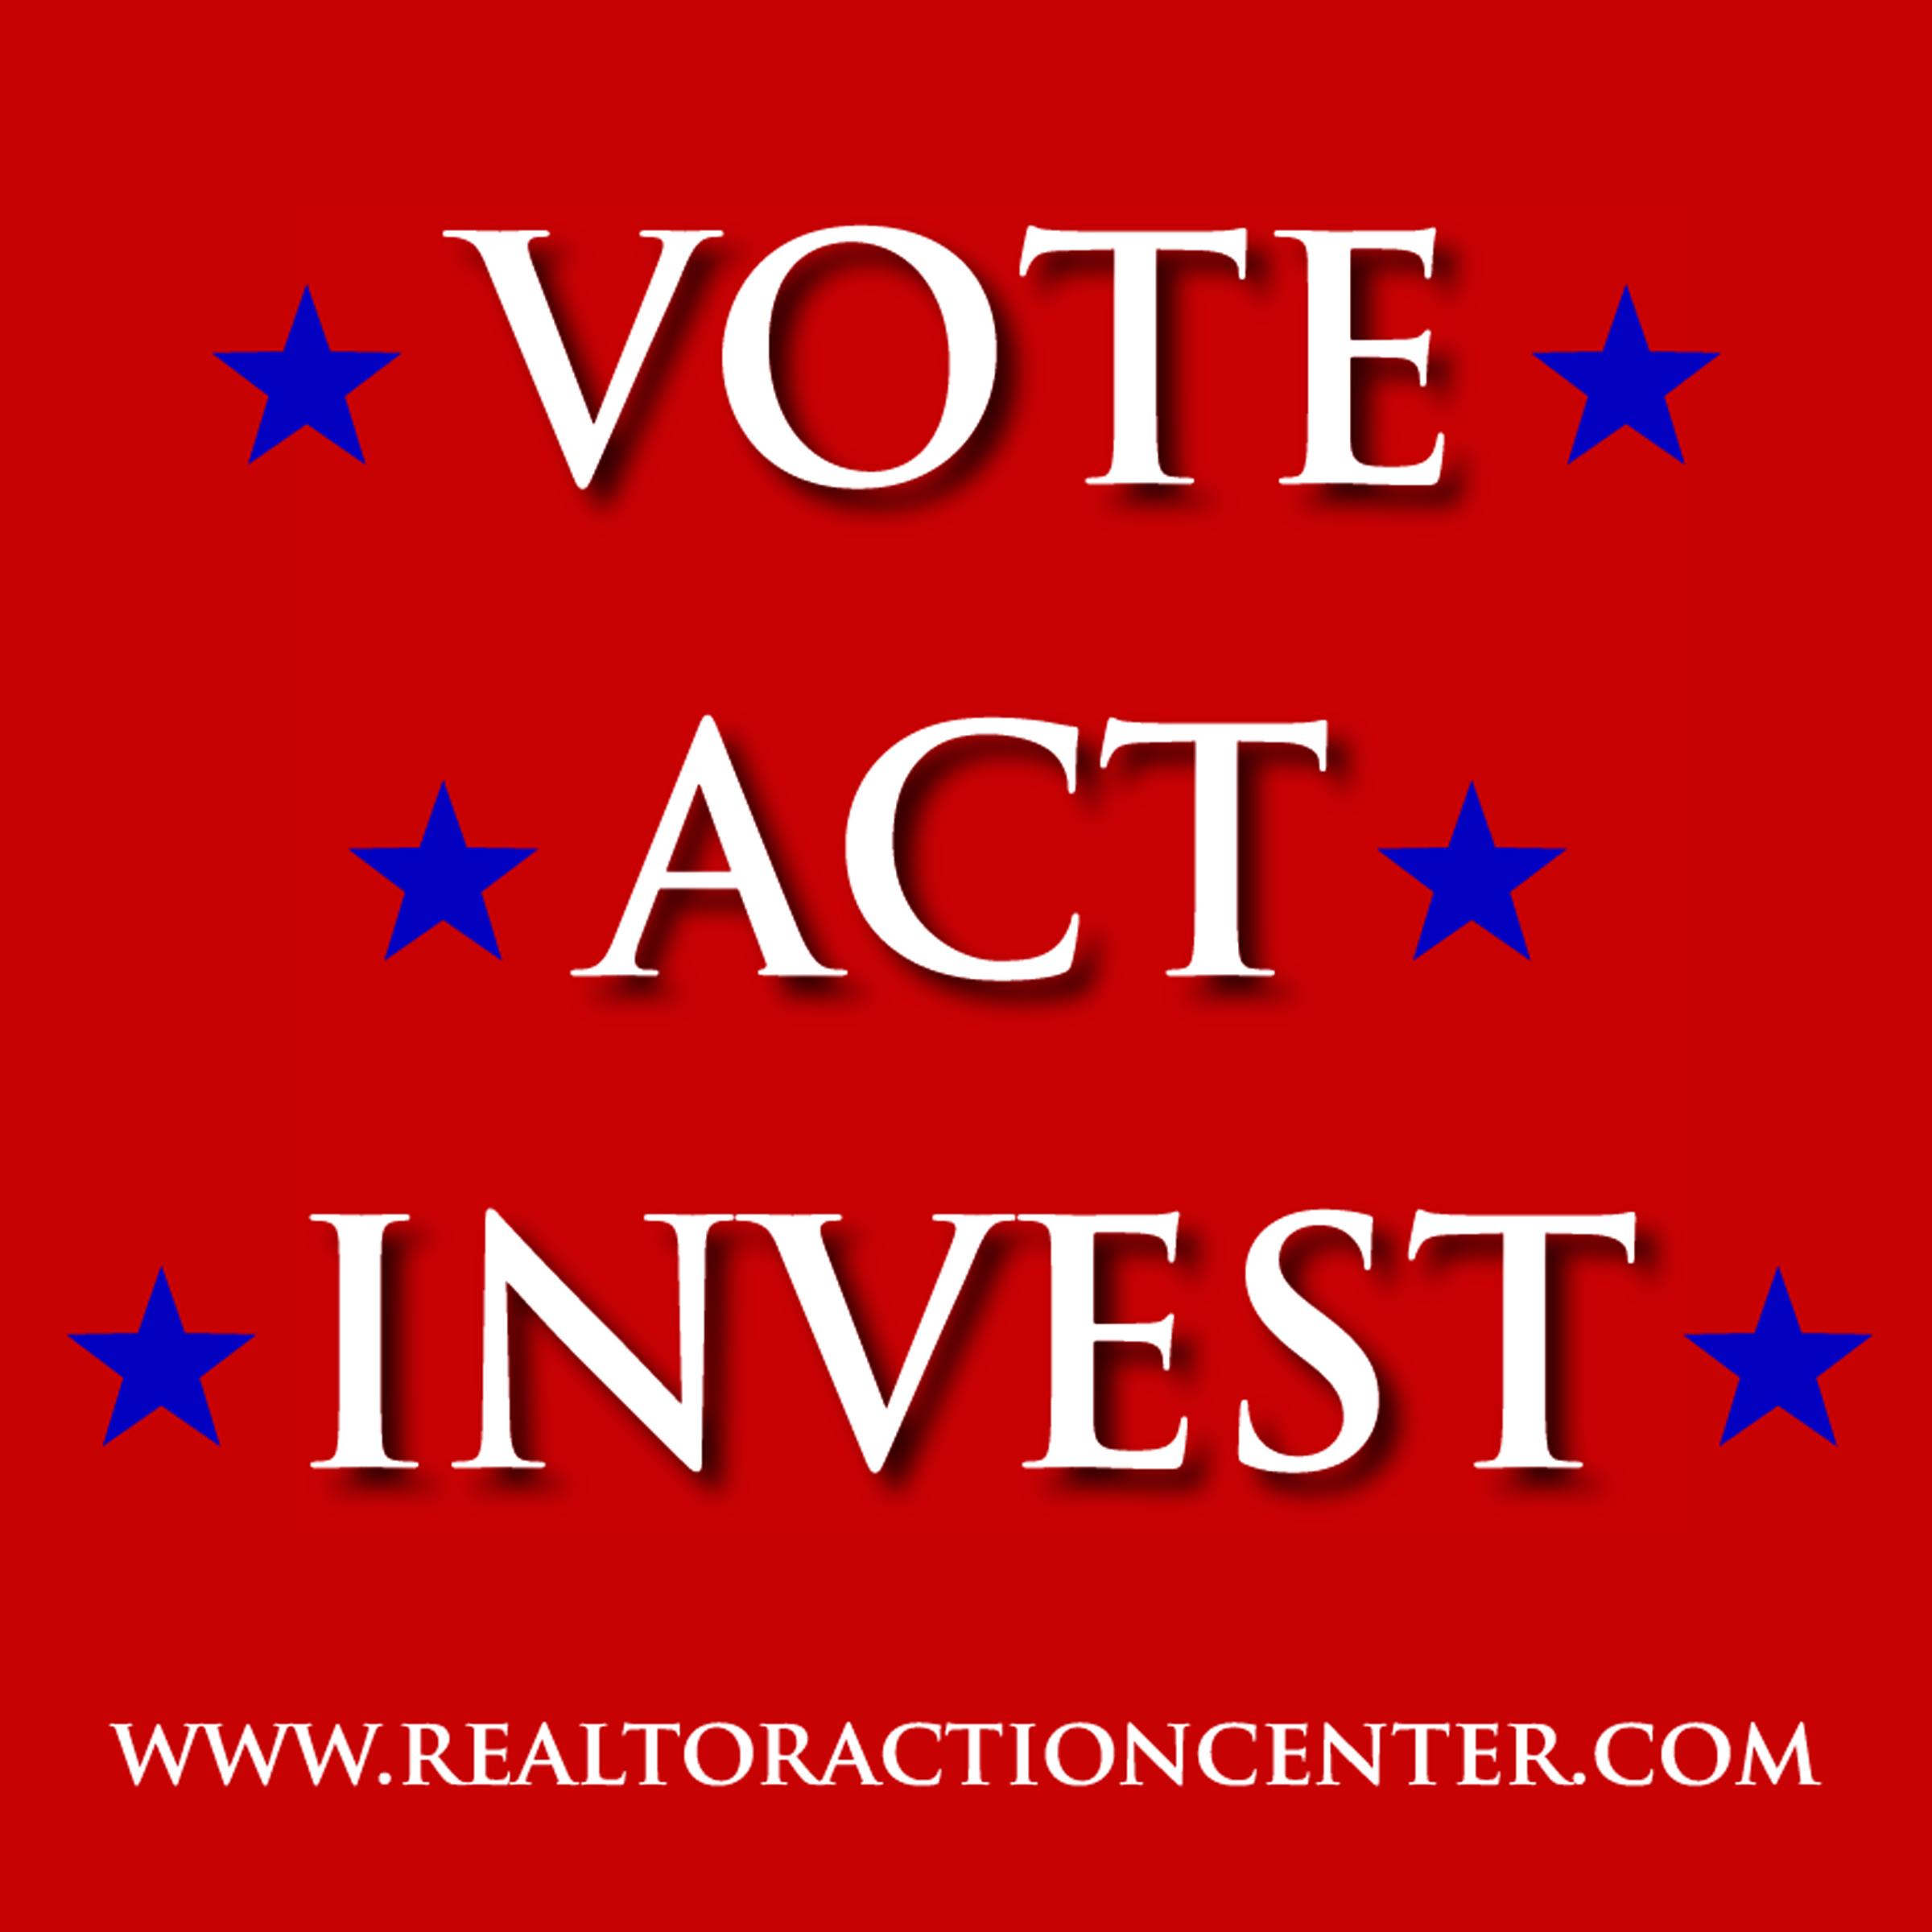 voteactinvest_highres